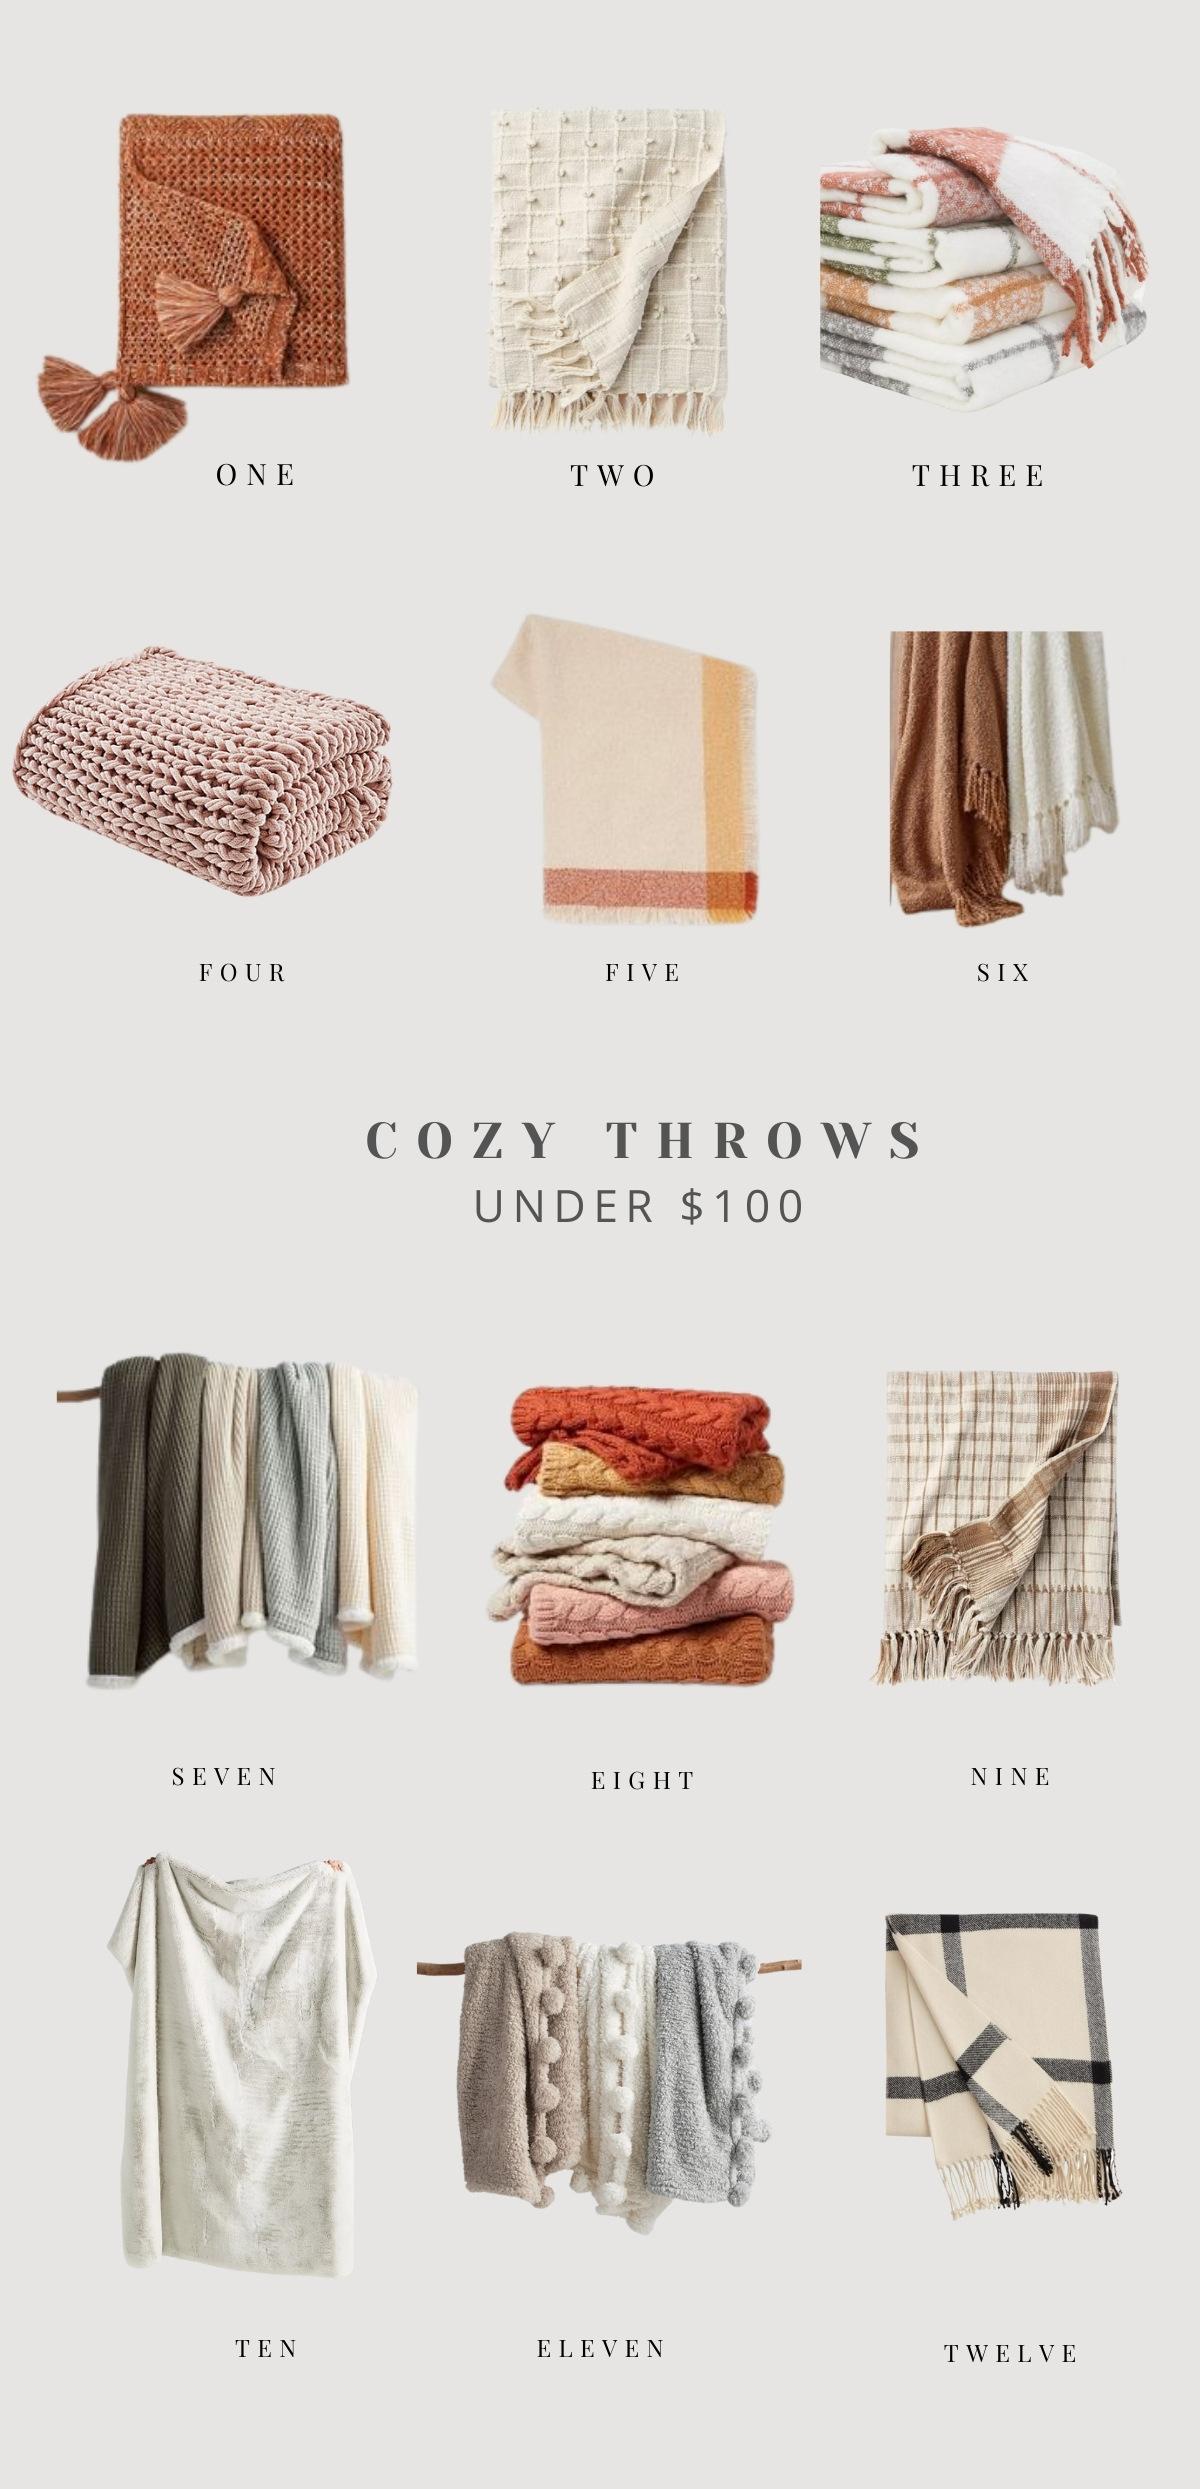 cozy throws under $100